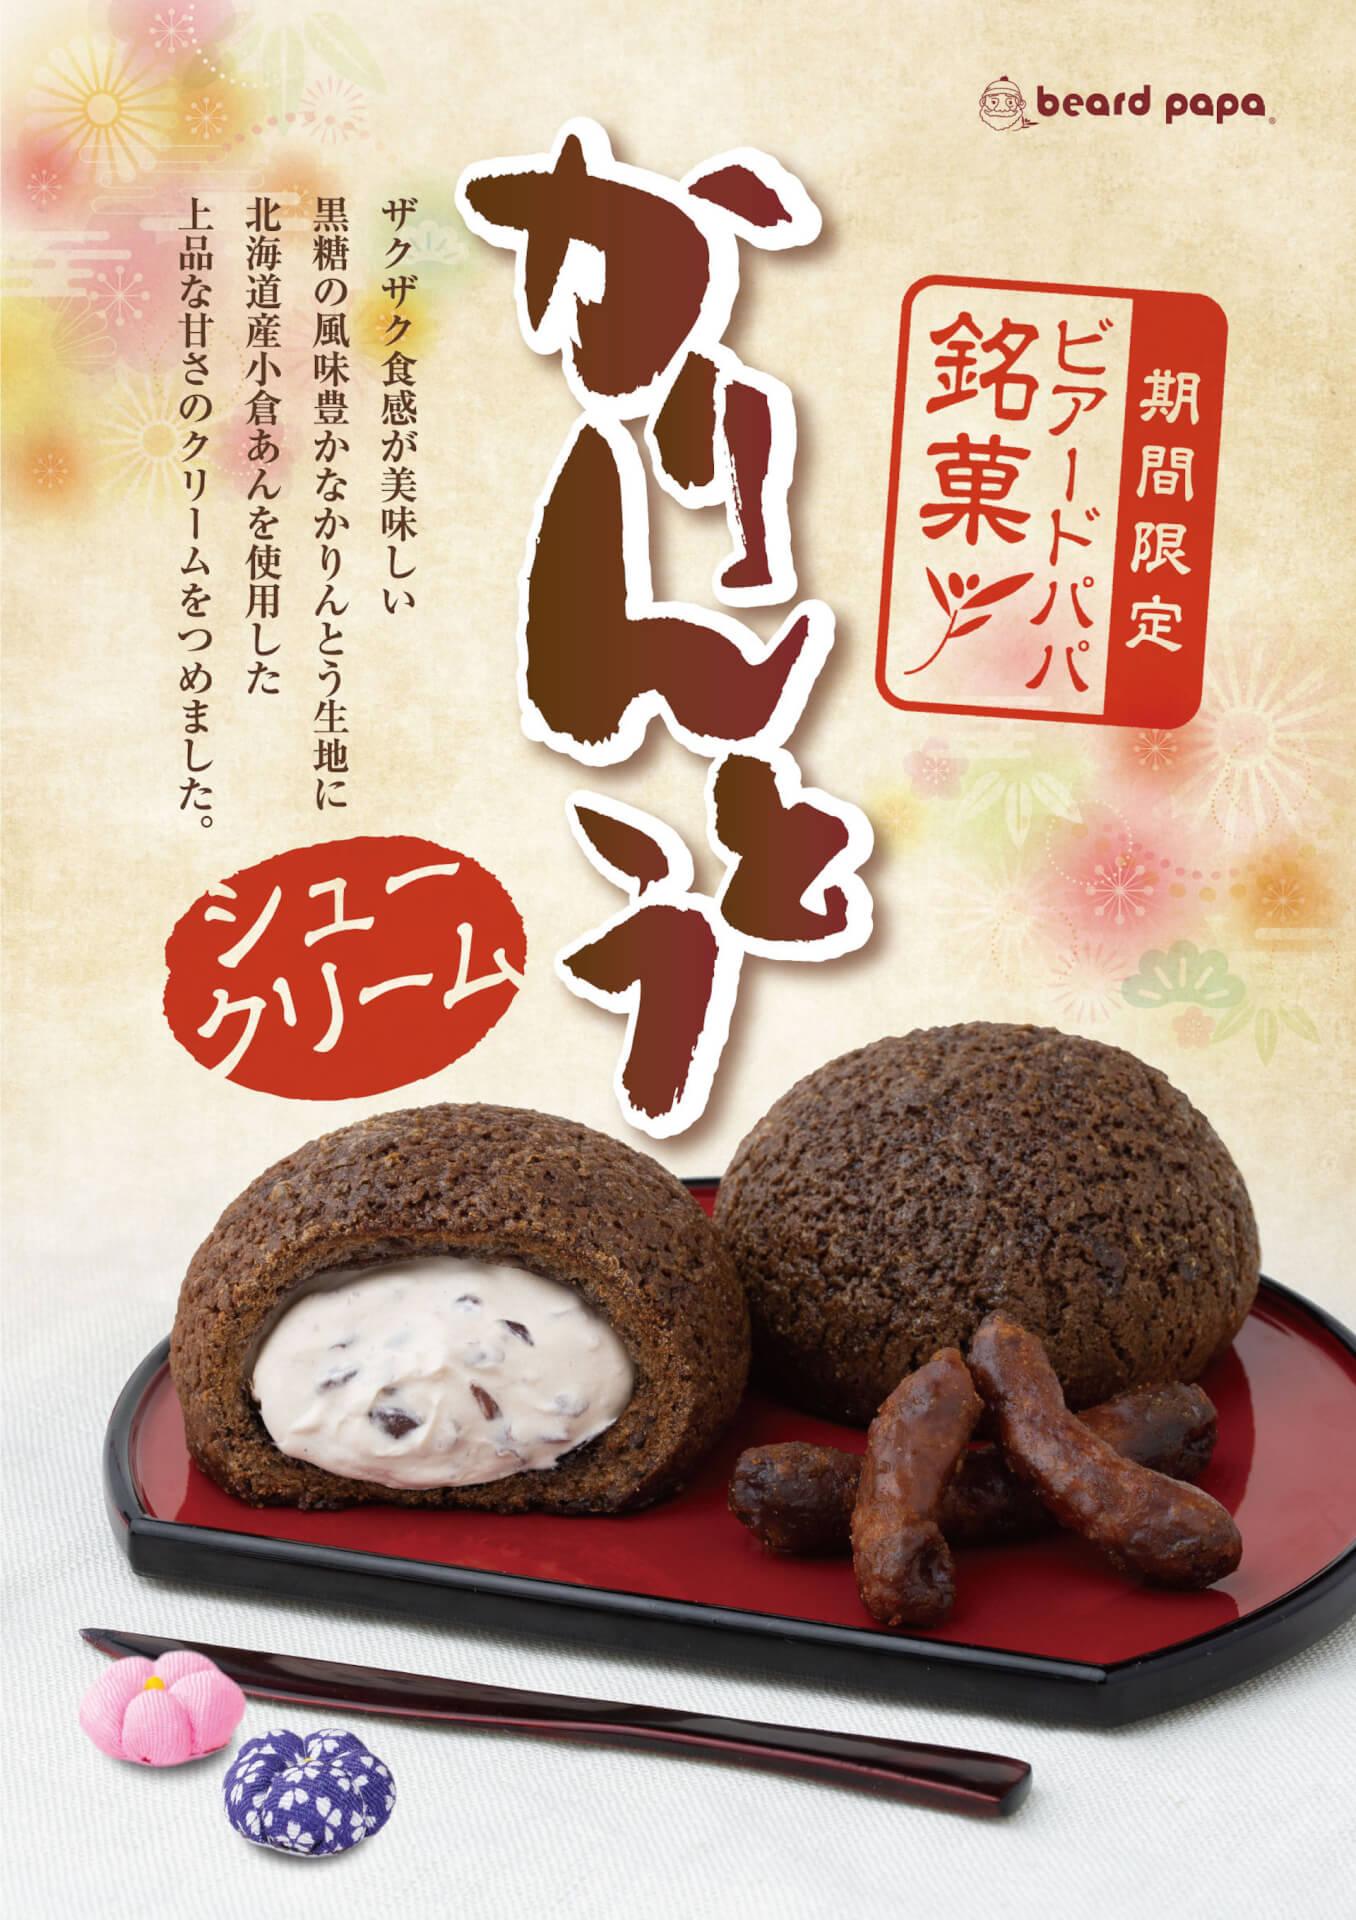 ビアードパパに期間限定のシュークリーム「かりんとうシュー」と「クッキー&クリームシュー」が登場! gourmet210301_beardpapa_6